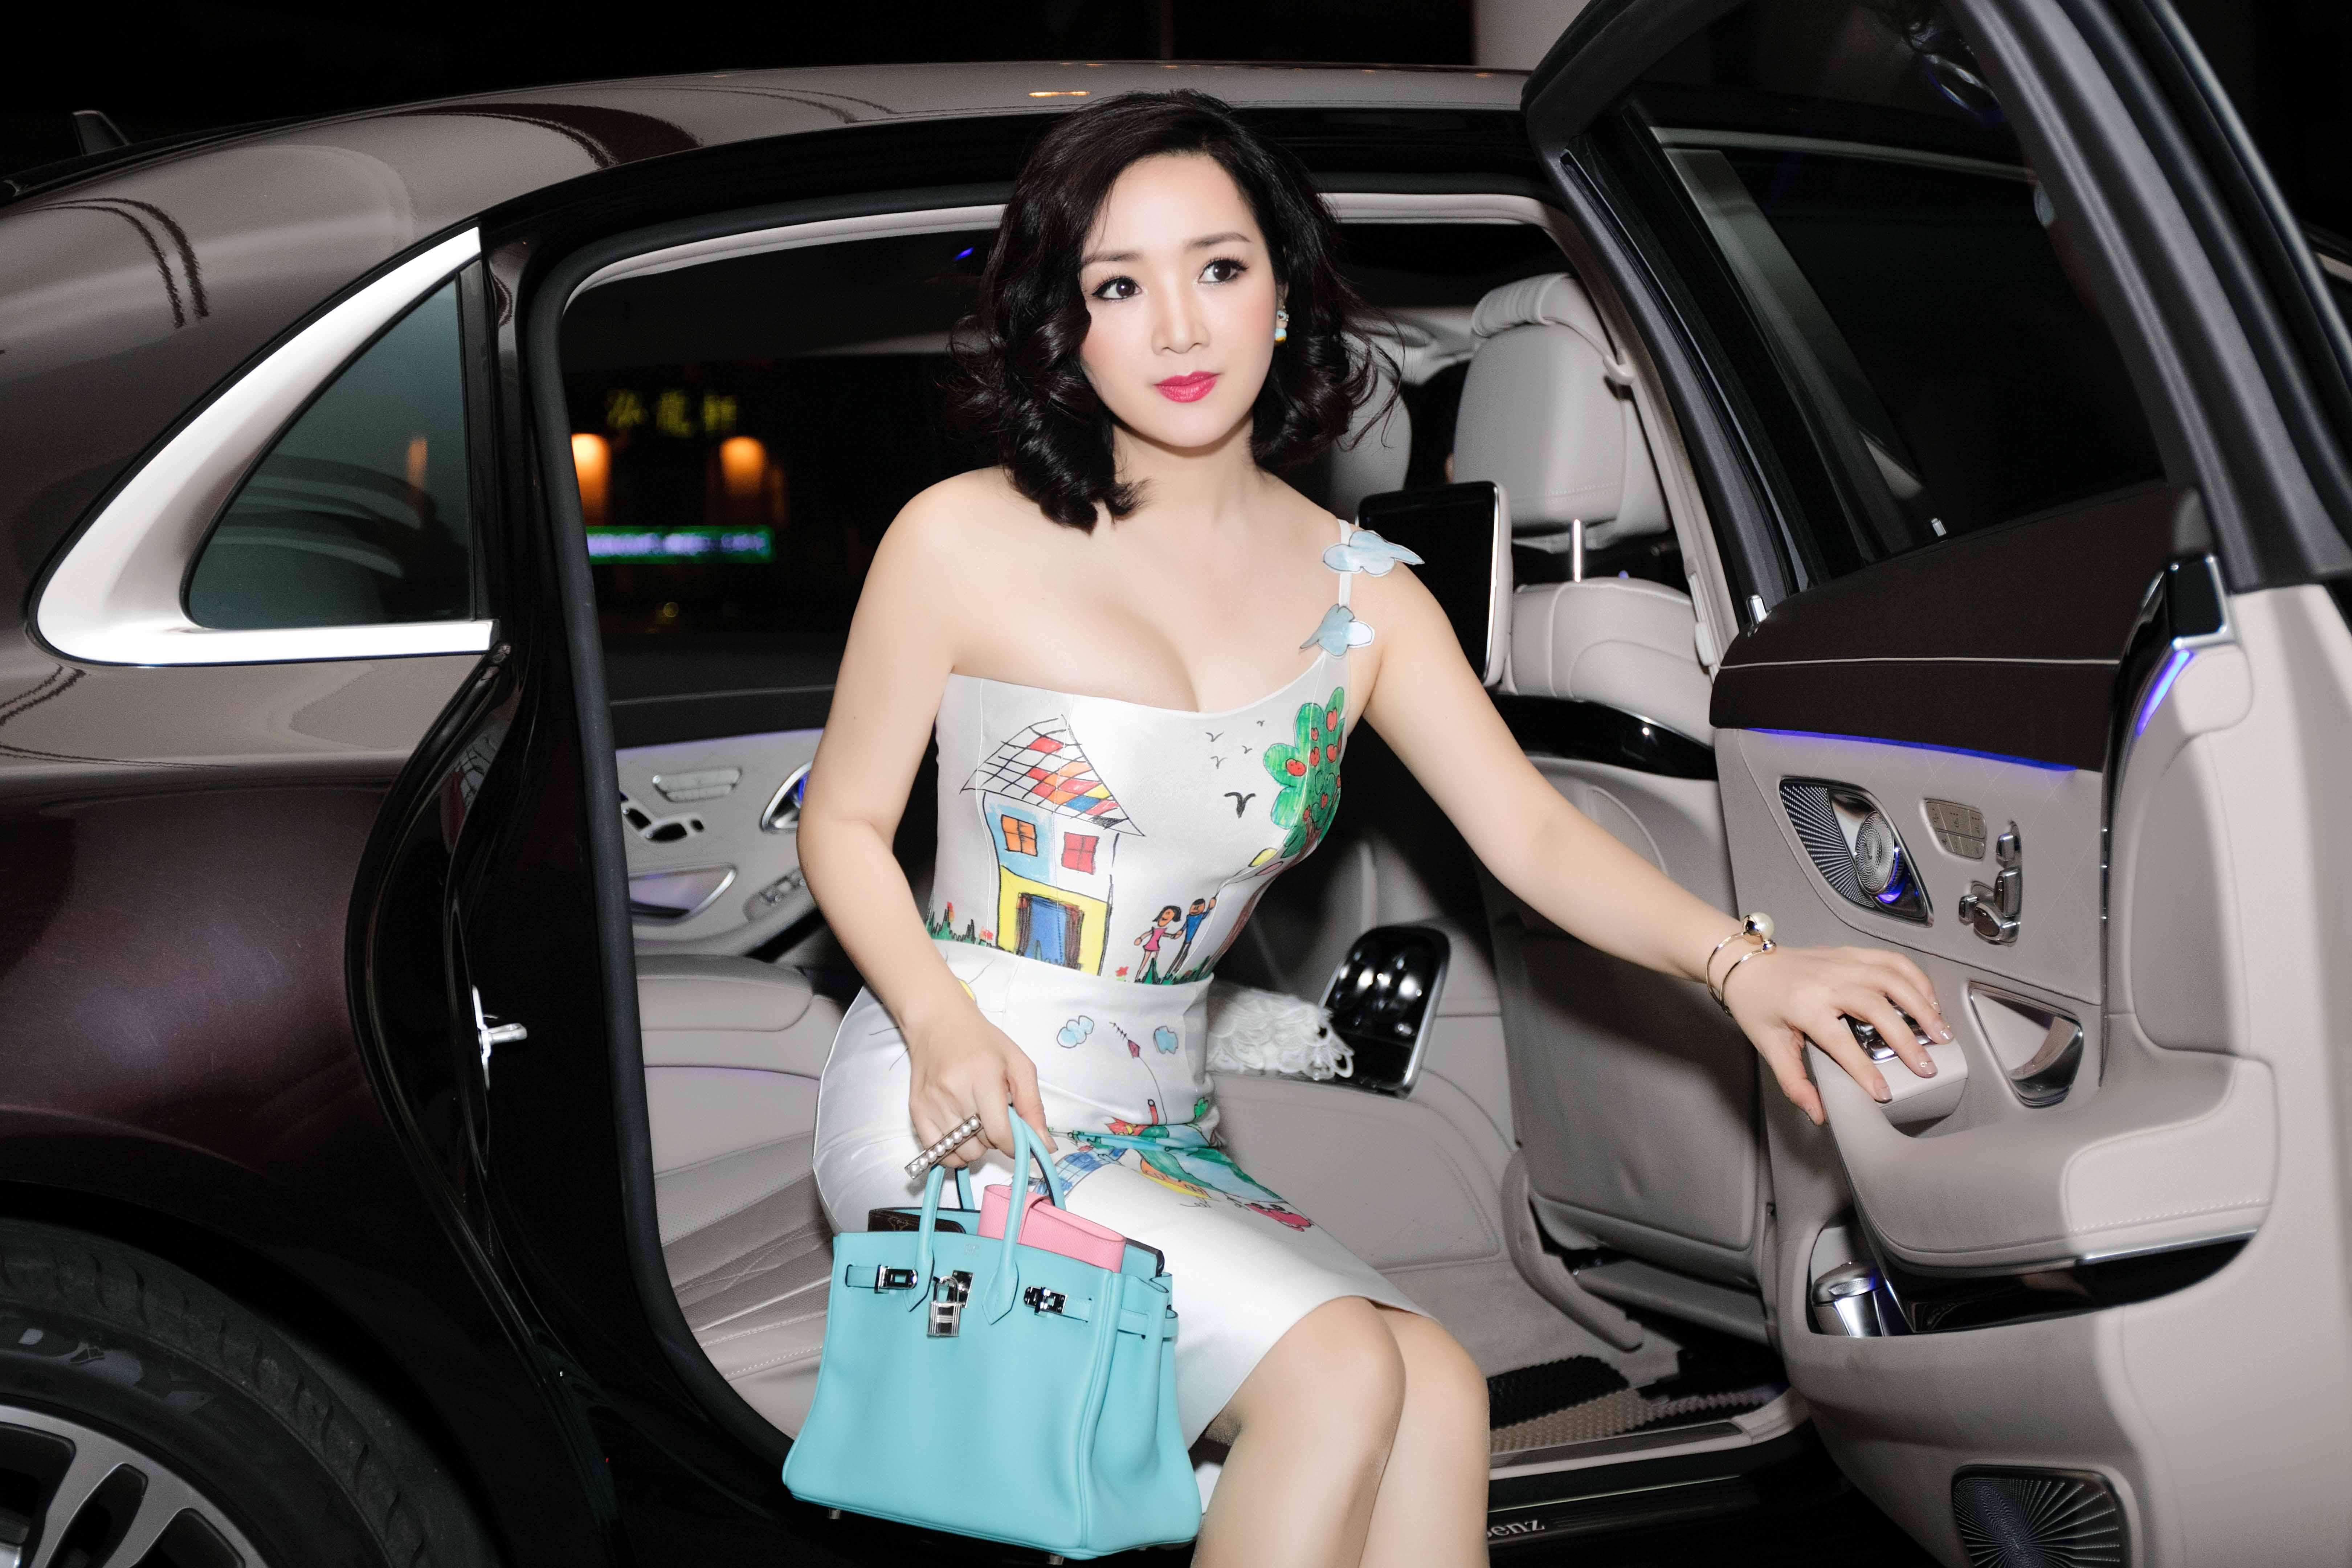 Hoa hậu đền Hùng 1989 được coi là một trong những nhan sắc đẹp bền bỉ nhất Việt Nam.